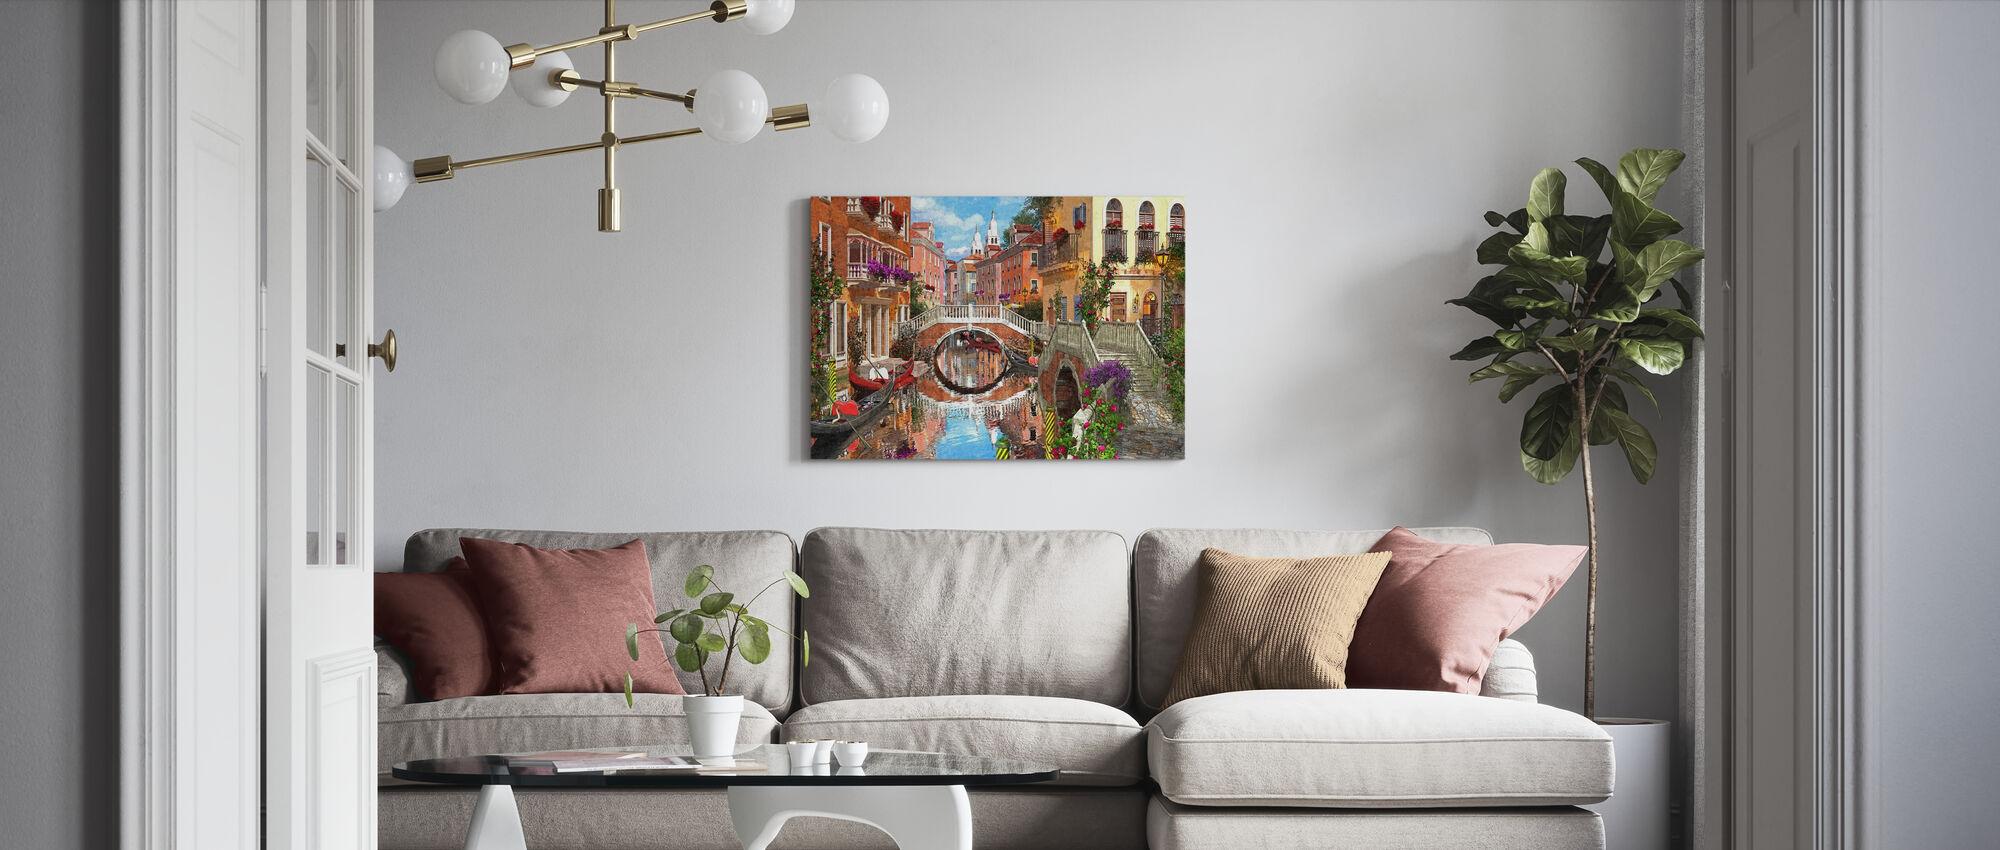 Venetian Waterway - Canvas print - Living Room